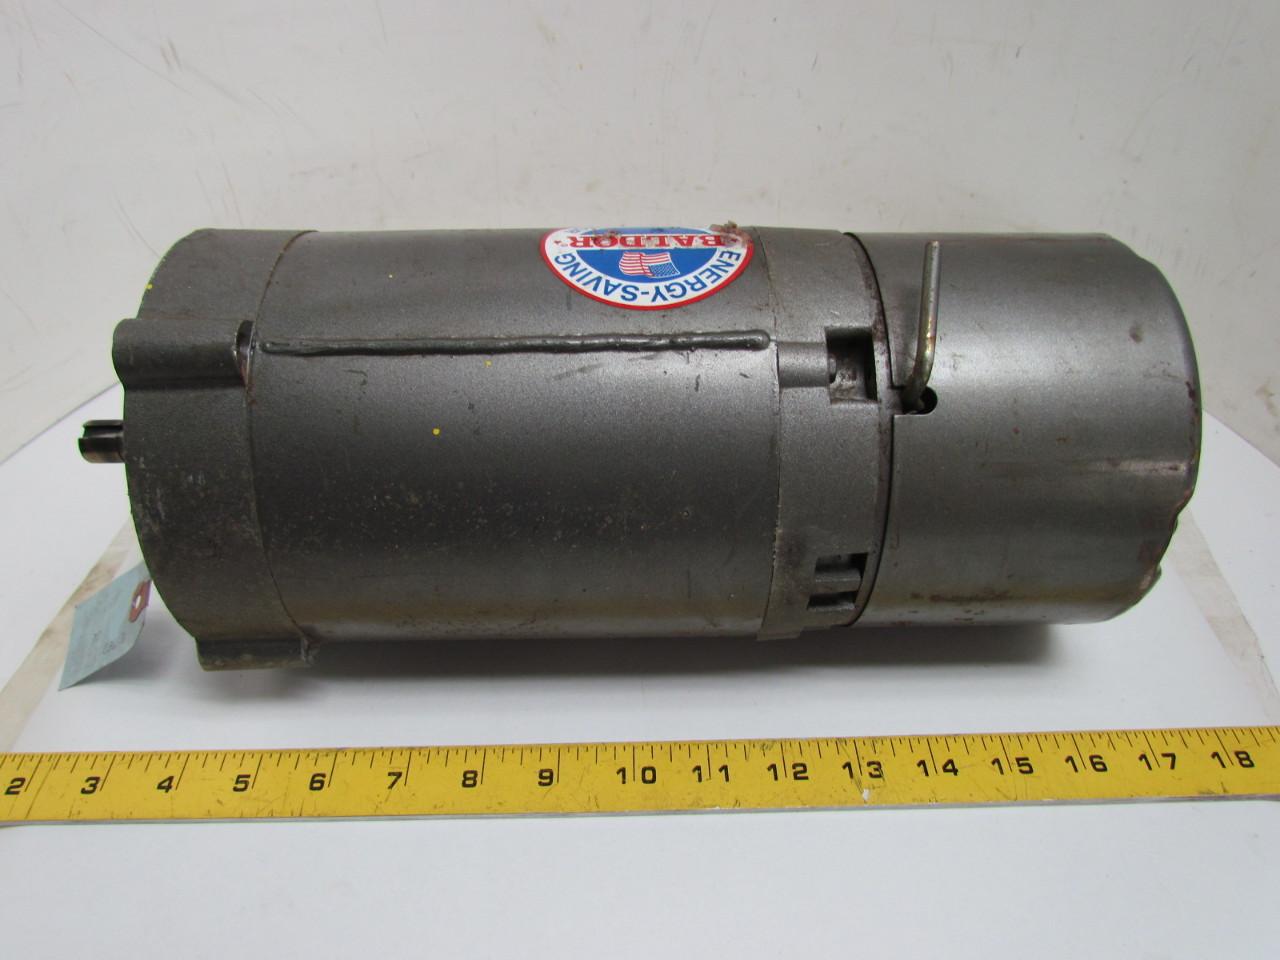 Baldor kbm3458 electric motor 3ph 33 hp 1725 rpm 208 230 for Baldor electric motors for sale